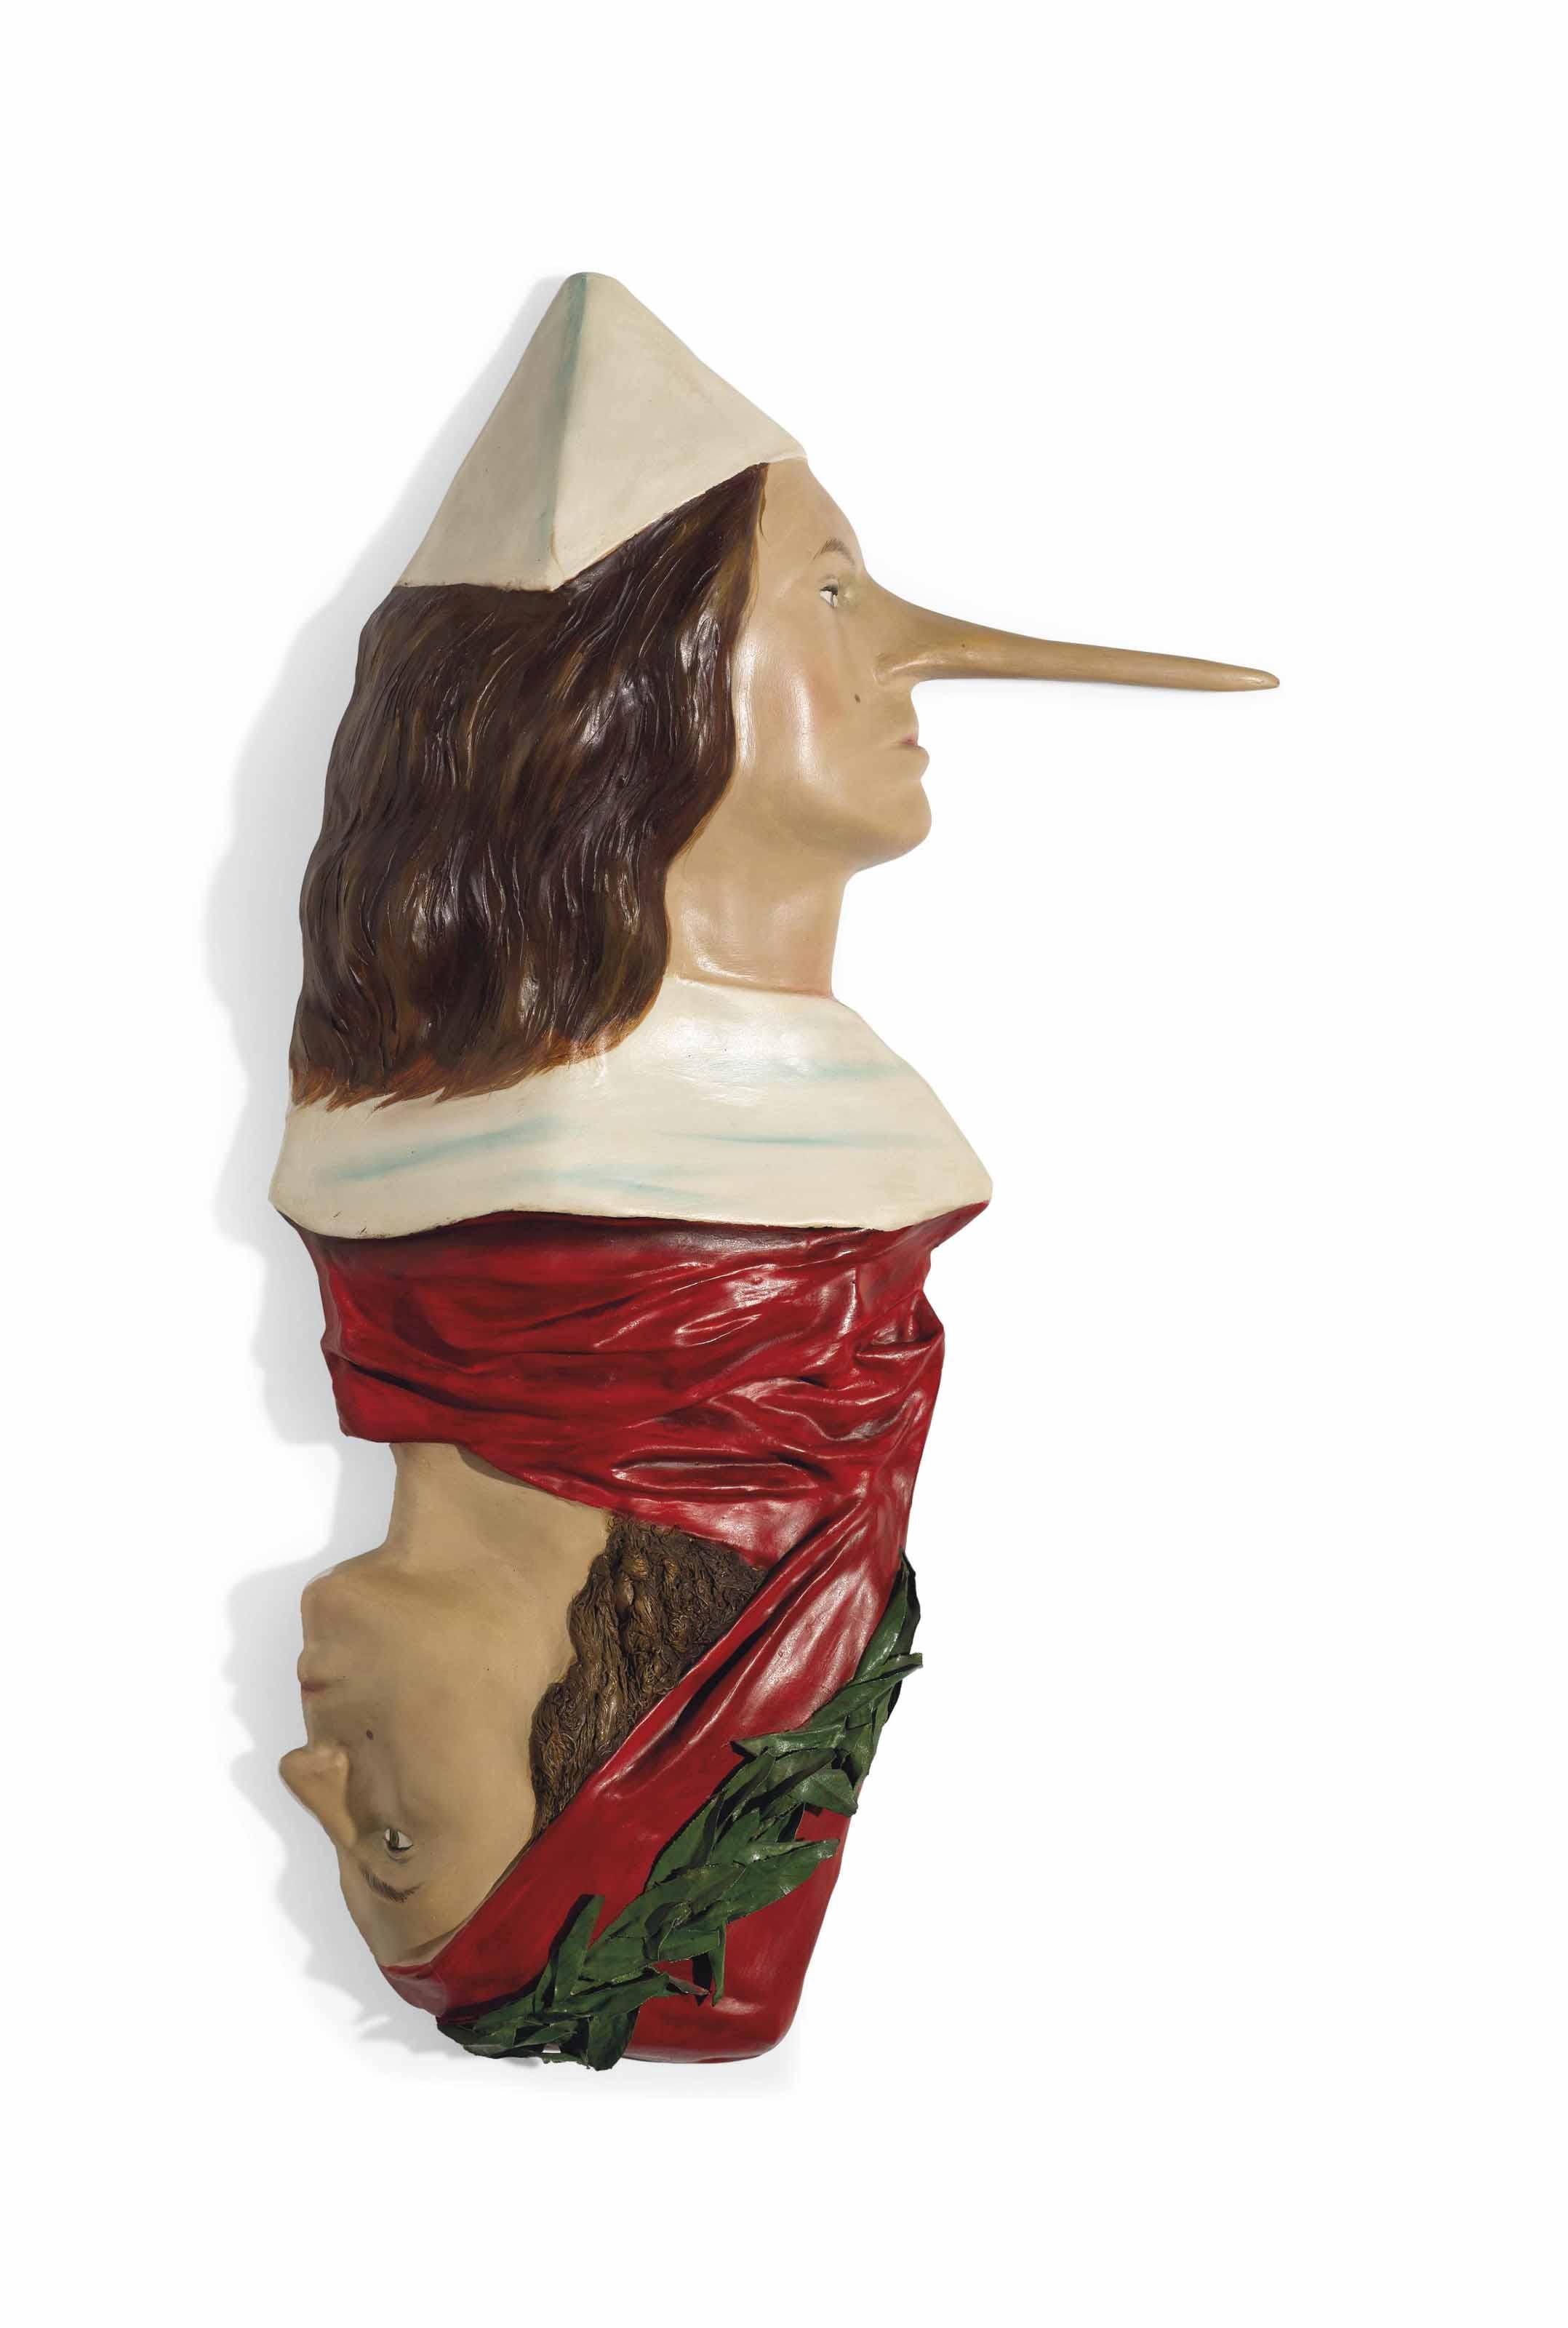 Dante Pinocchio, Tarocco